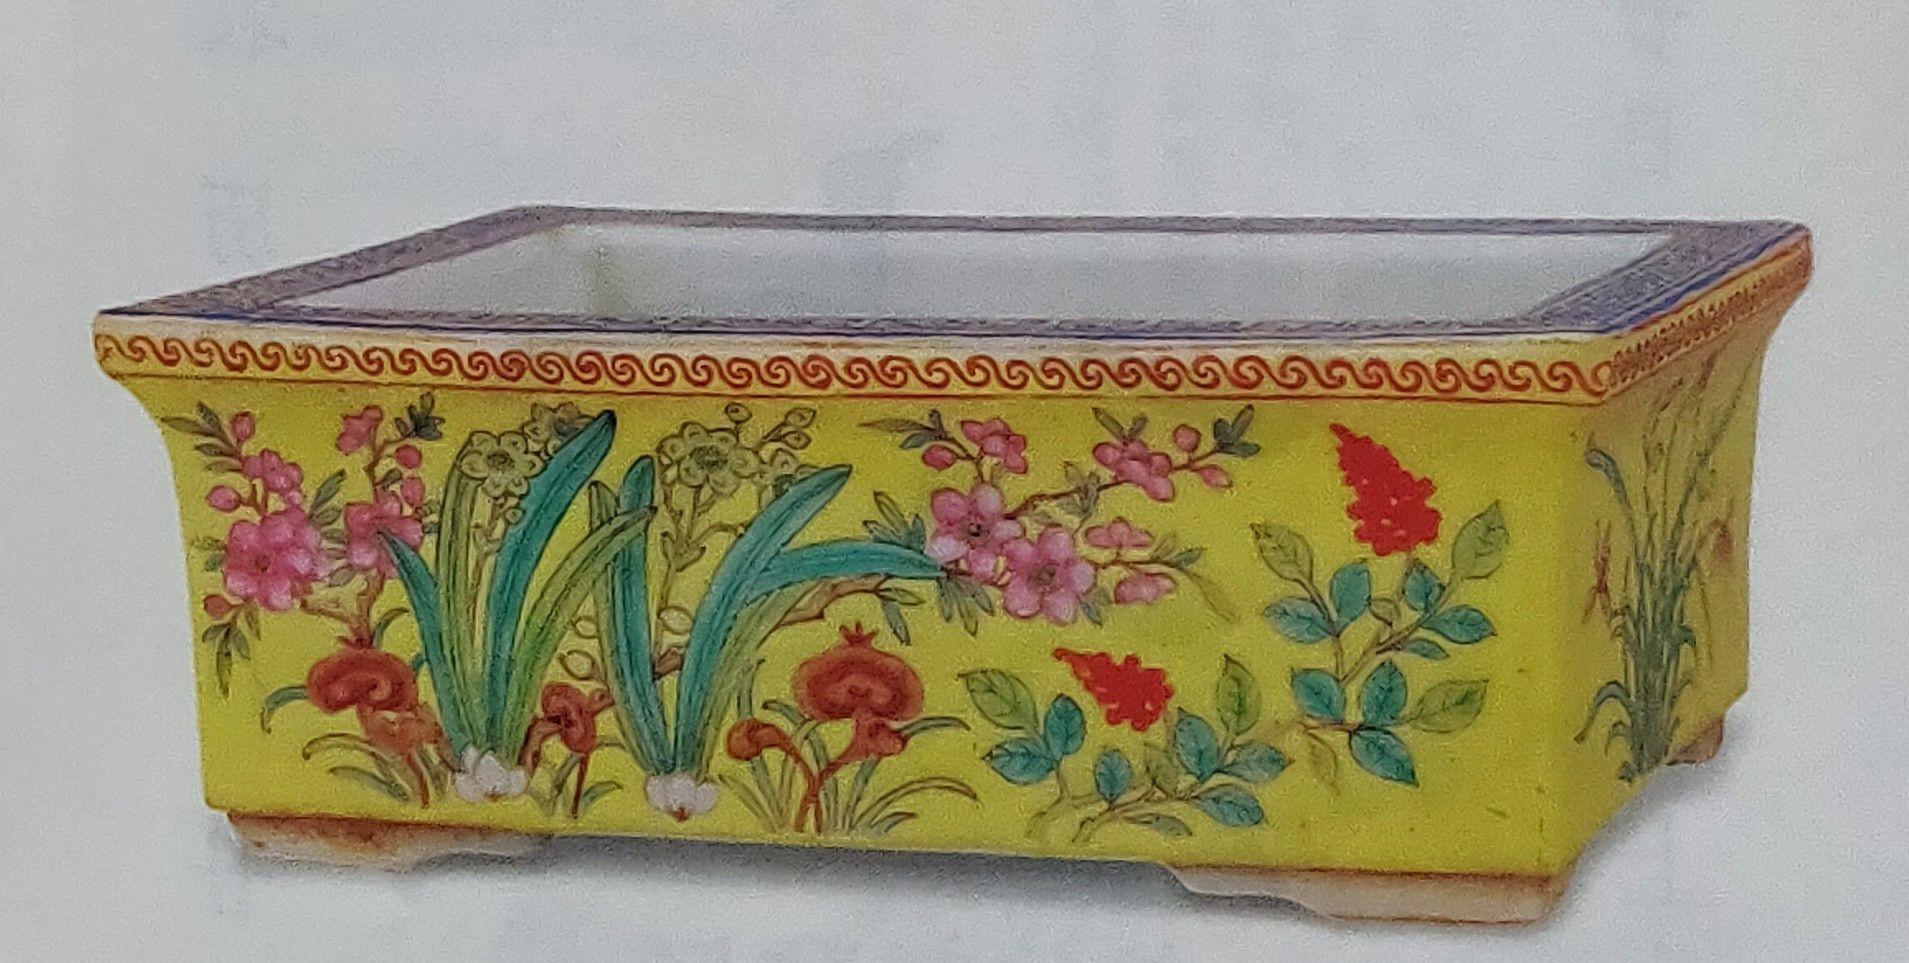 清瓷赏析,更有一件永乐款剔红牡丹纹葵花式盏托让你一饱眼福!